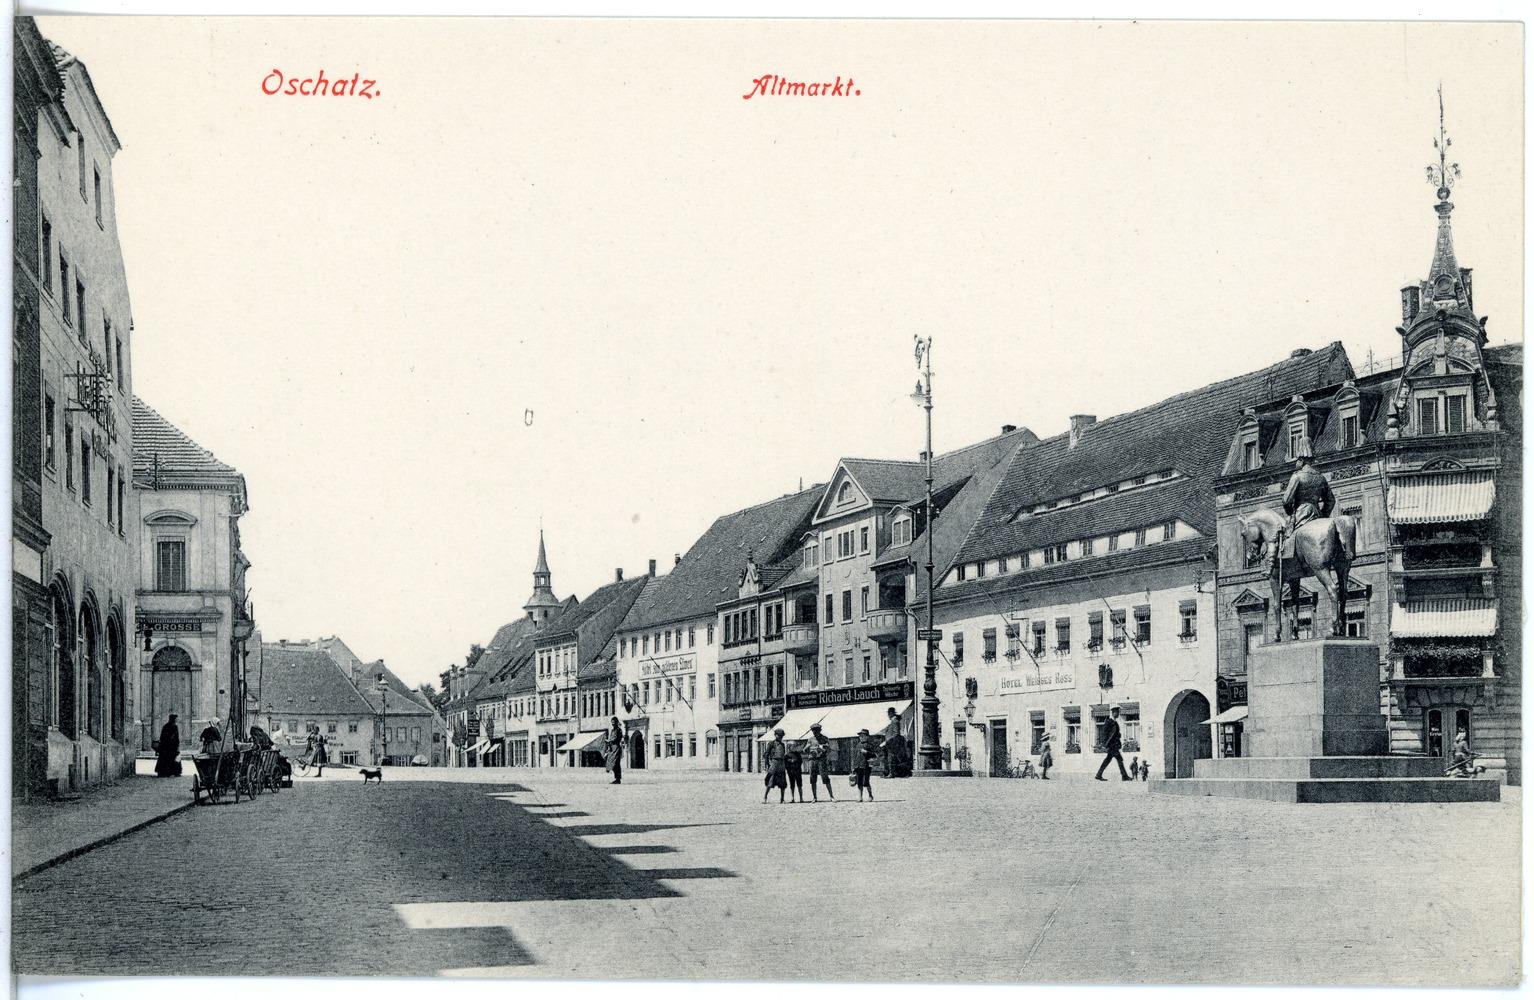 File:19272-Oschatz-1915-Altmarkt-Brück & Sohn Kunstverlag.jpg